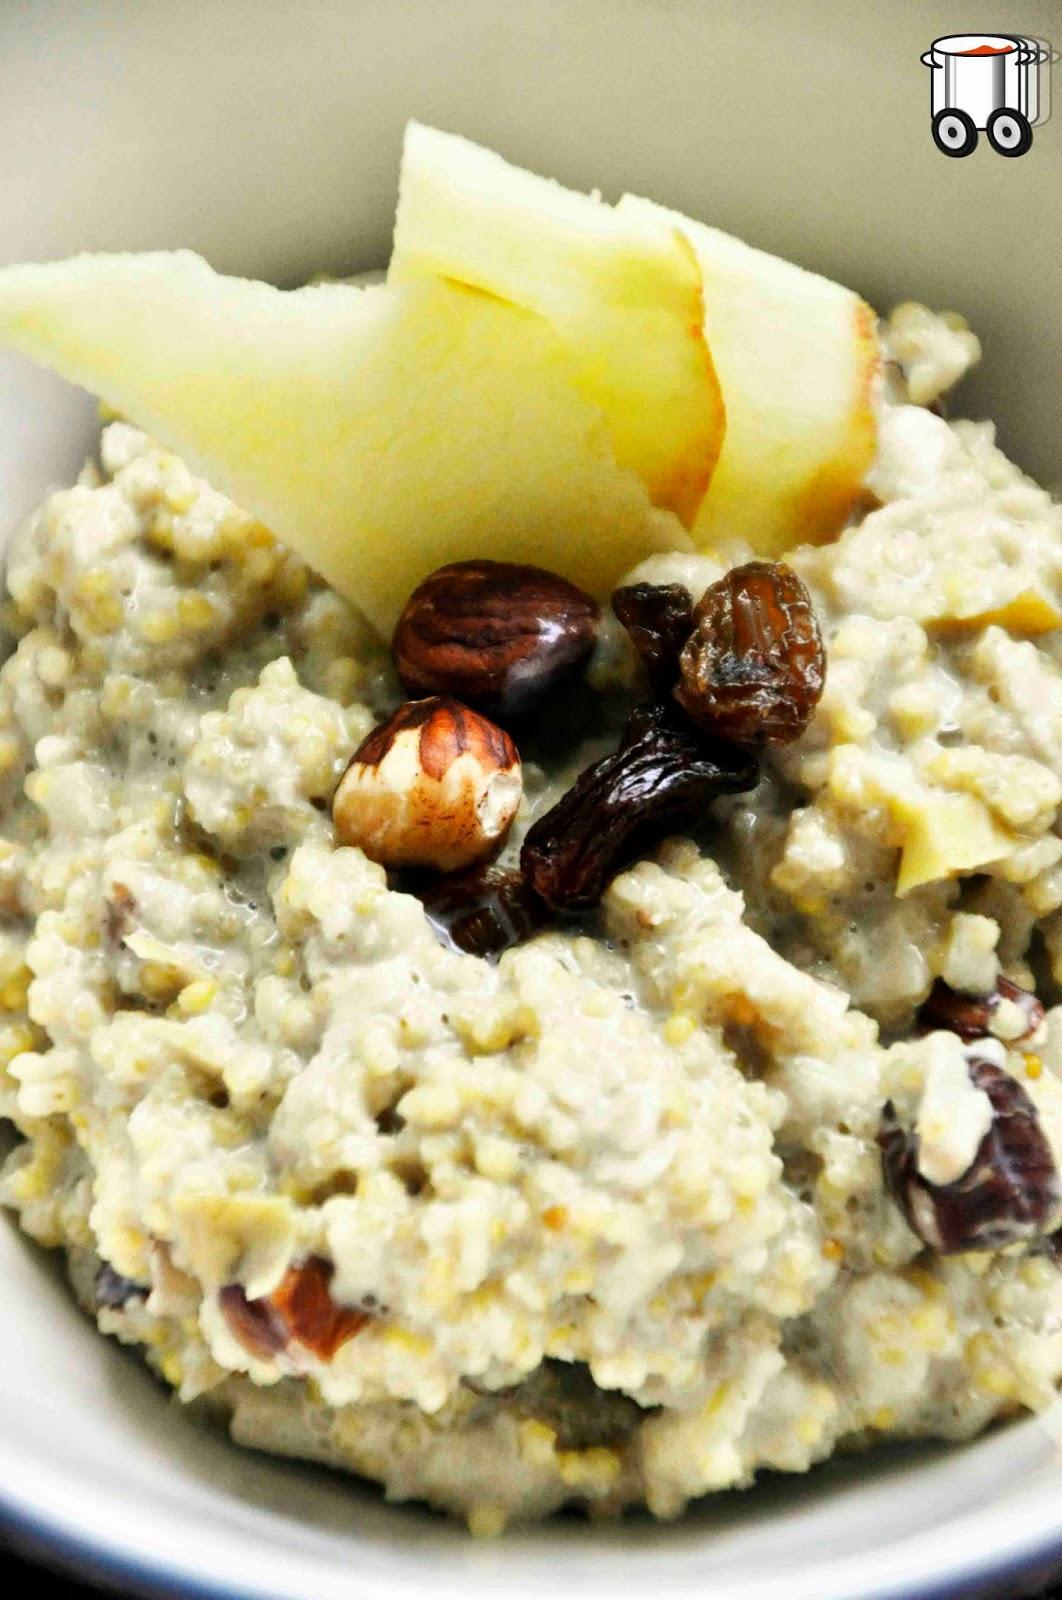 Szybko Tanio Smacznie - Śniadaniowa kasza jaglana z jabłkiem (bez laktozy, bez glutenu)